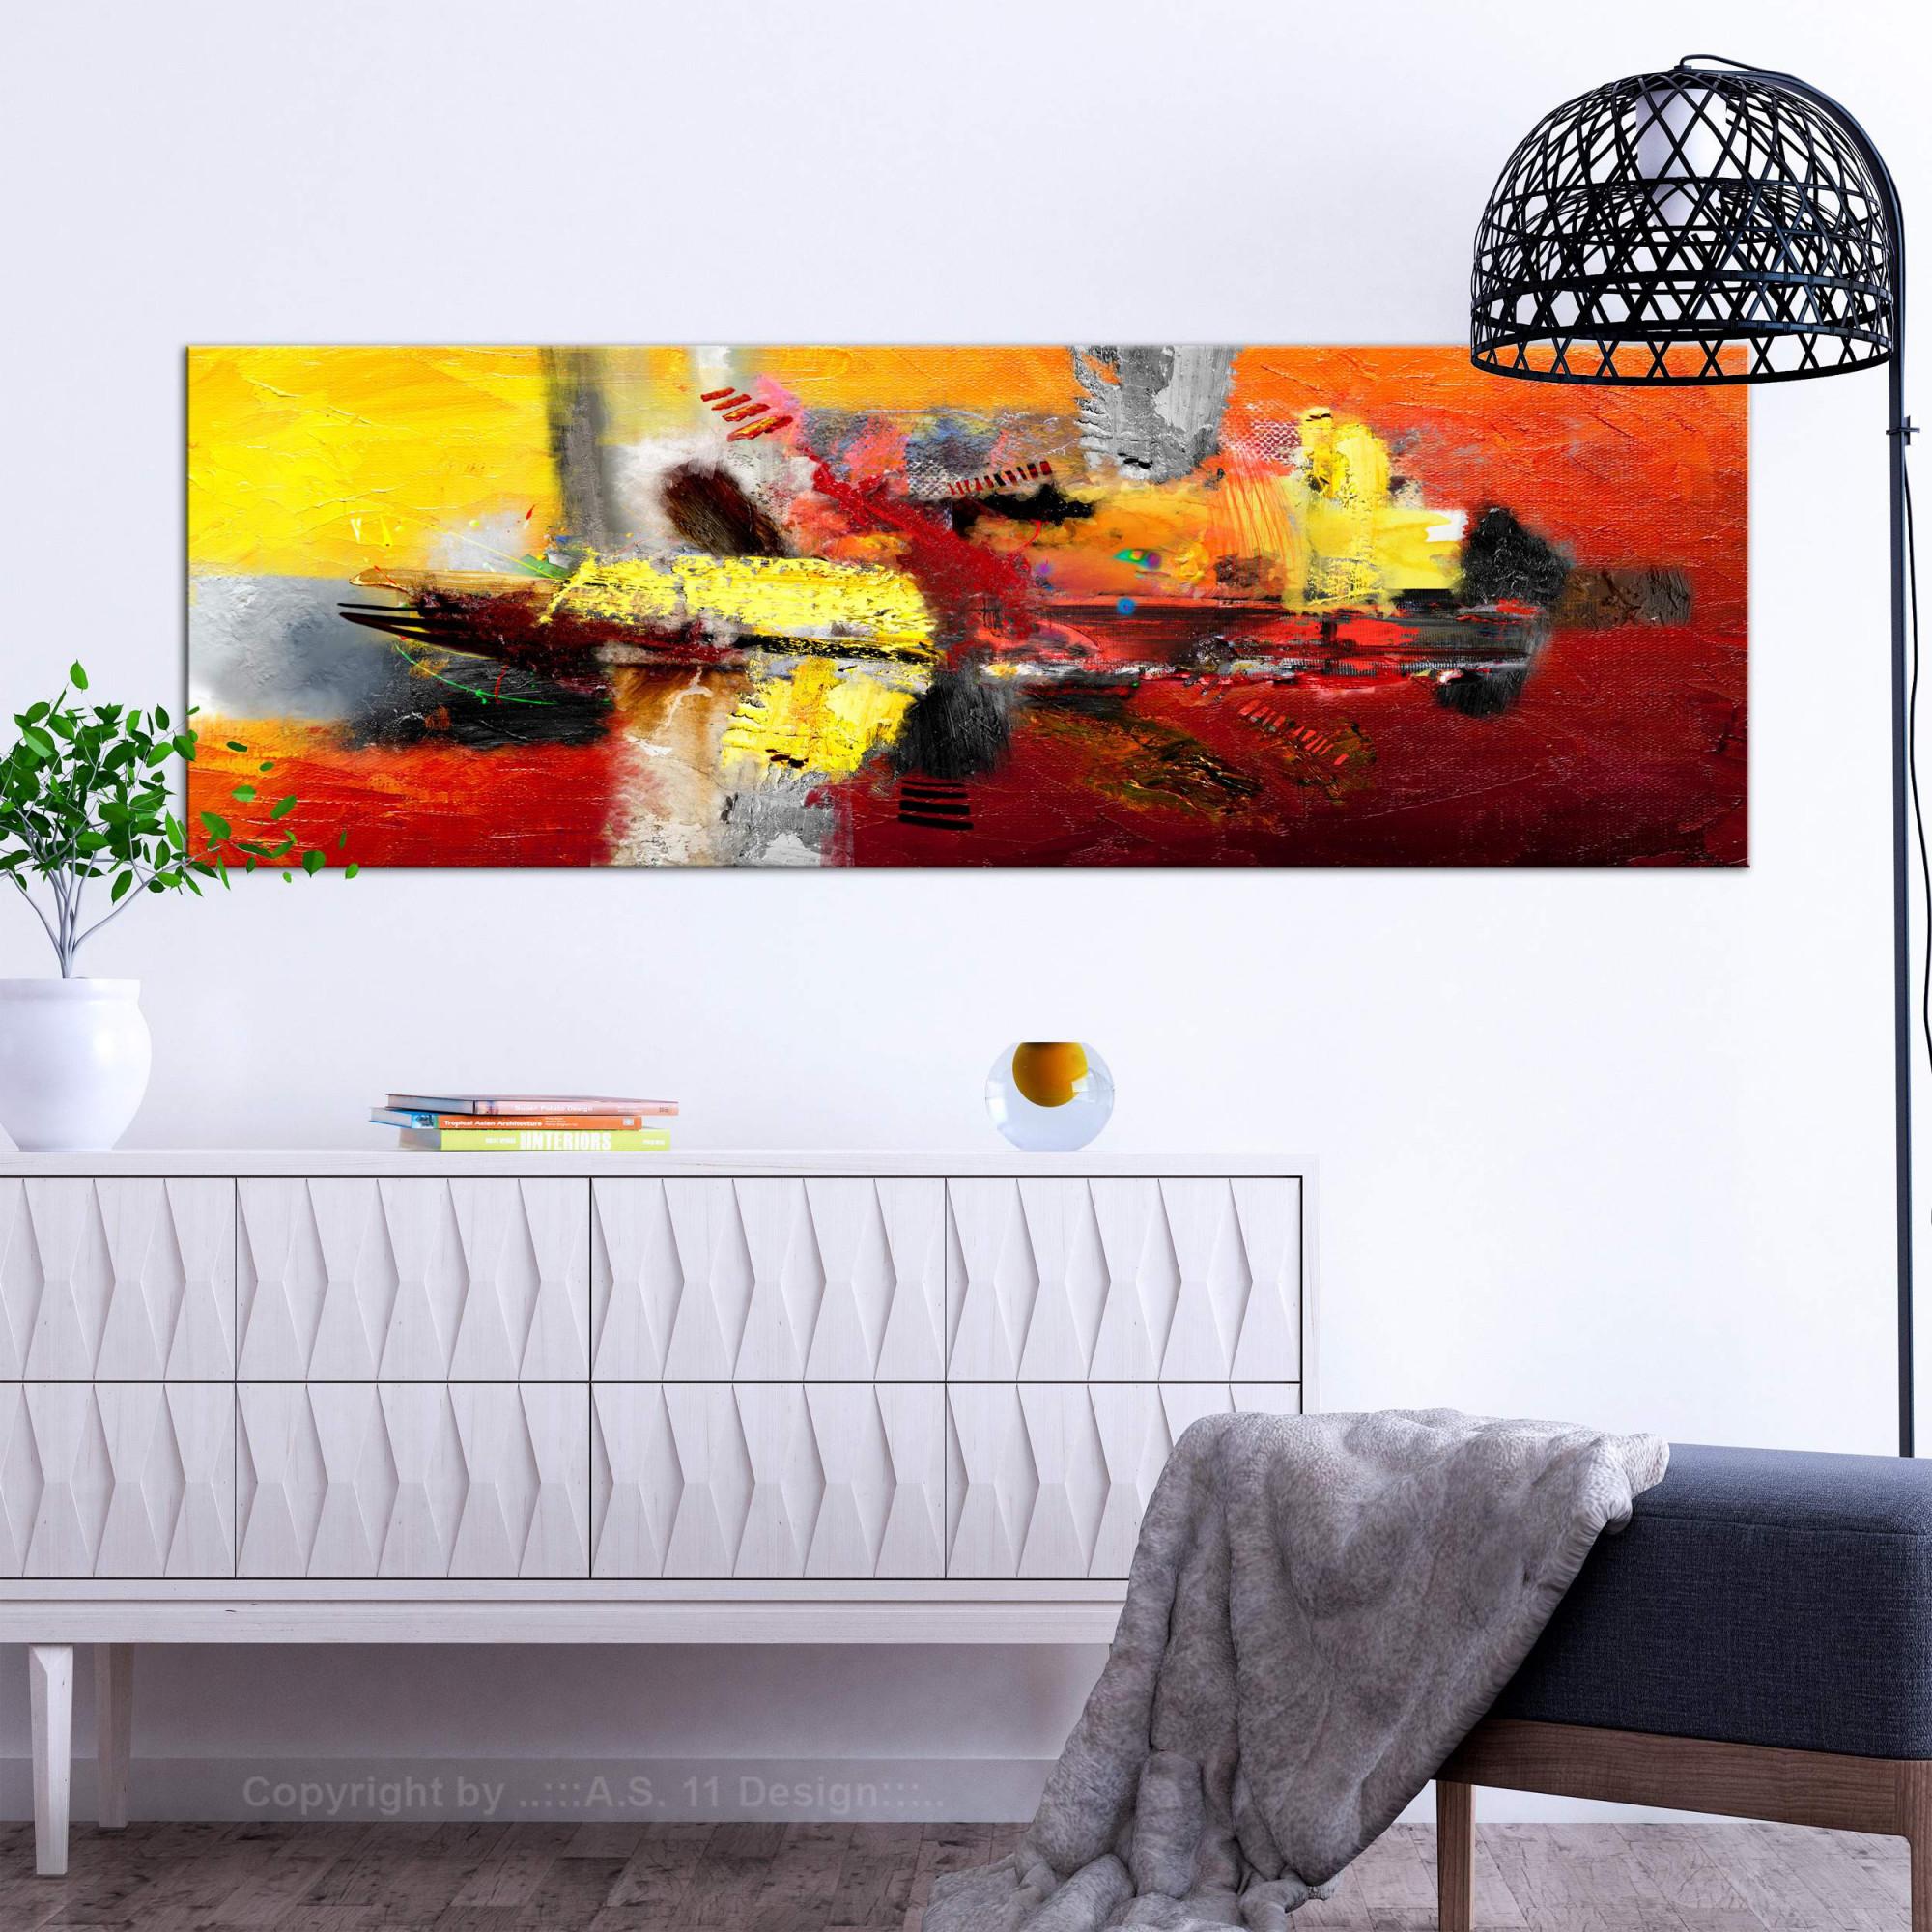 40 Elegant Bilder Wohnzimmer Abstrakt Schön  Wohnzimmer Frisch von Bilder Wohnzimmer Abstrakt Bild